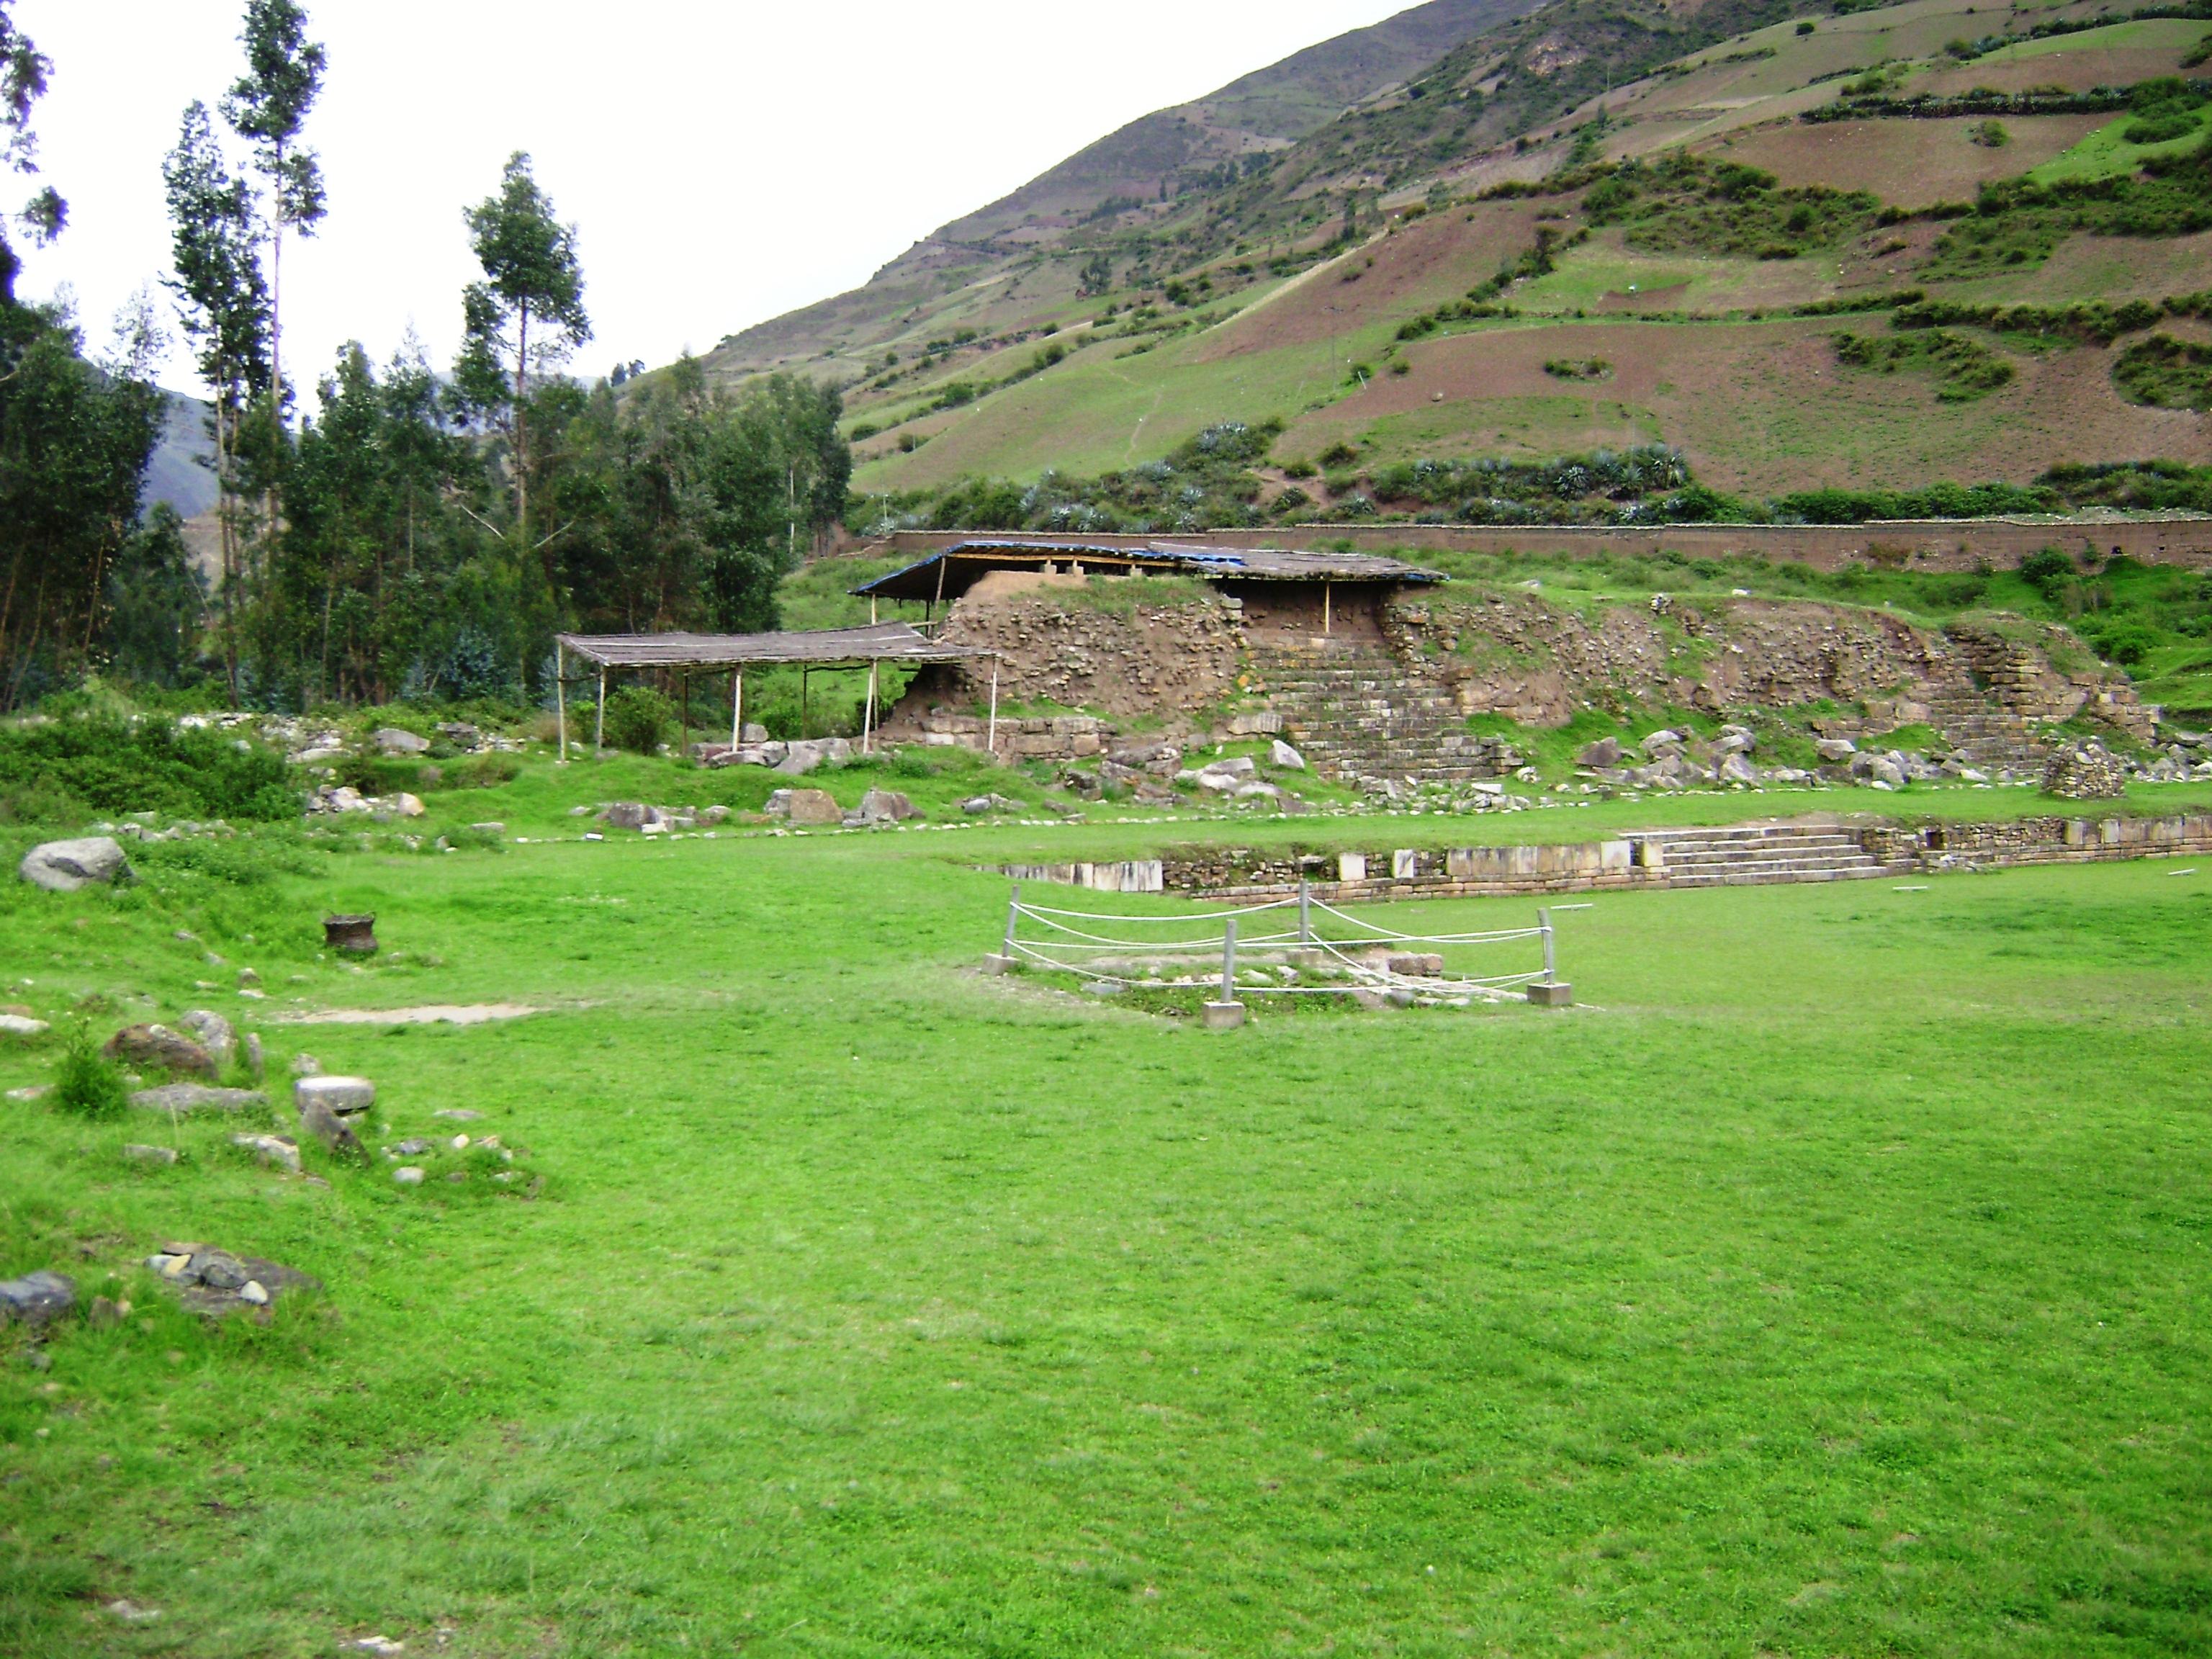 Archaeological Site of Chavin, Chavin de Huantar